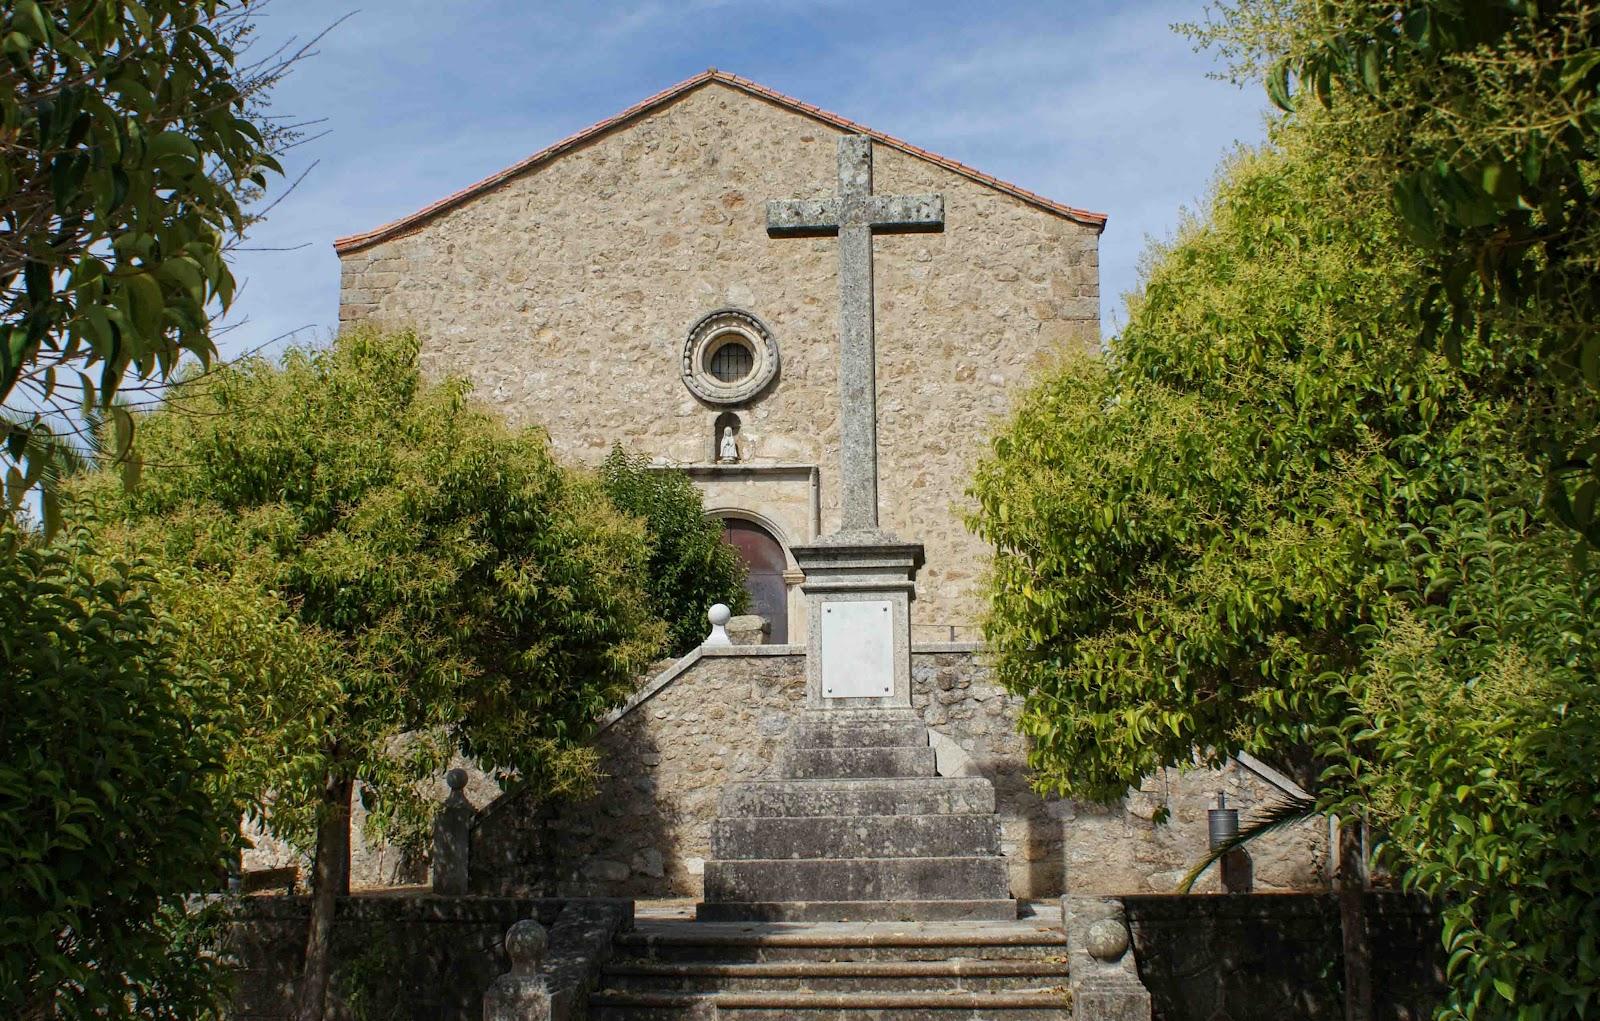 Iglesia de santa catalina ba os de montemayor c ceres - Dormir en banos de montemayor ...